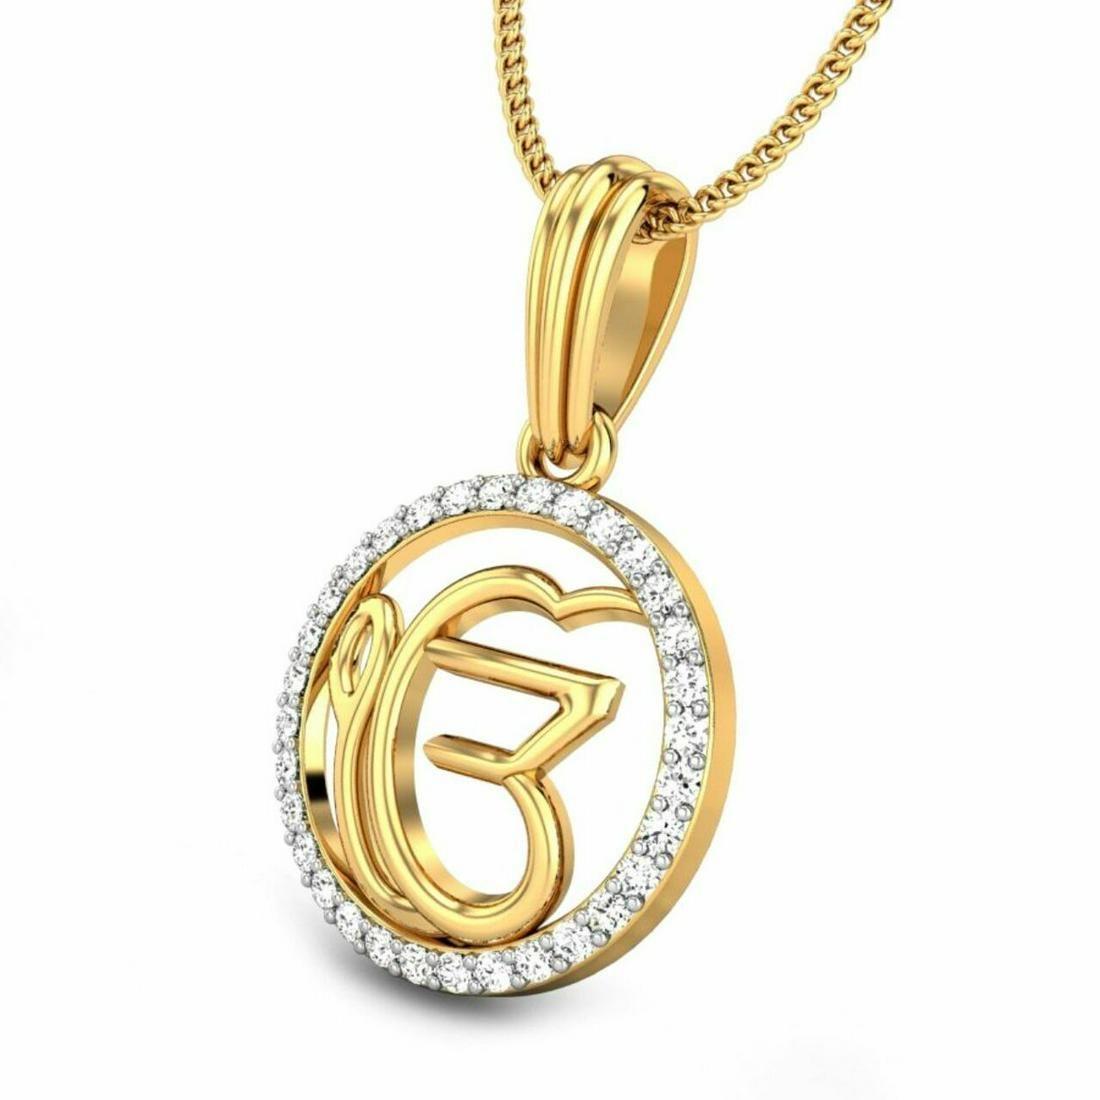 0.16 Ctw Round White Diamond 18K Gold Pendant For Women